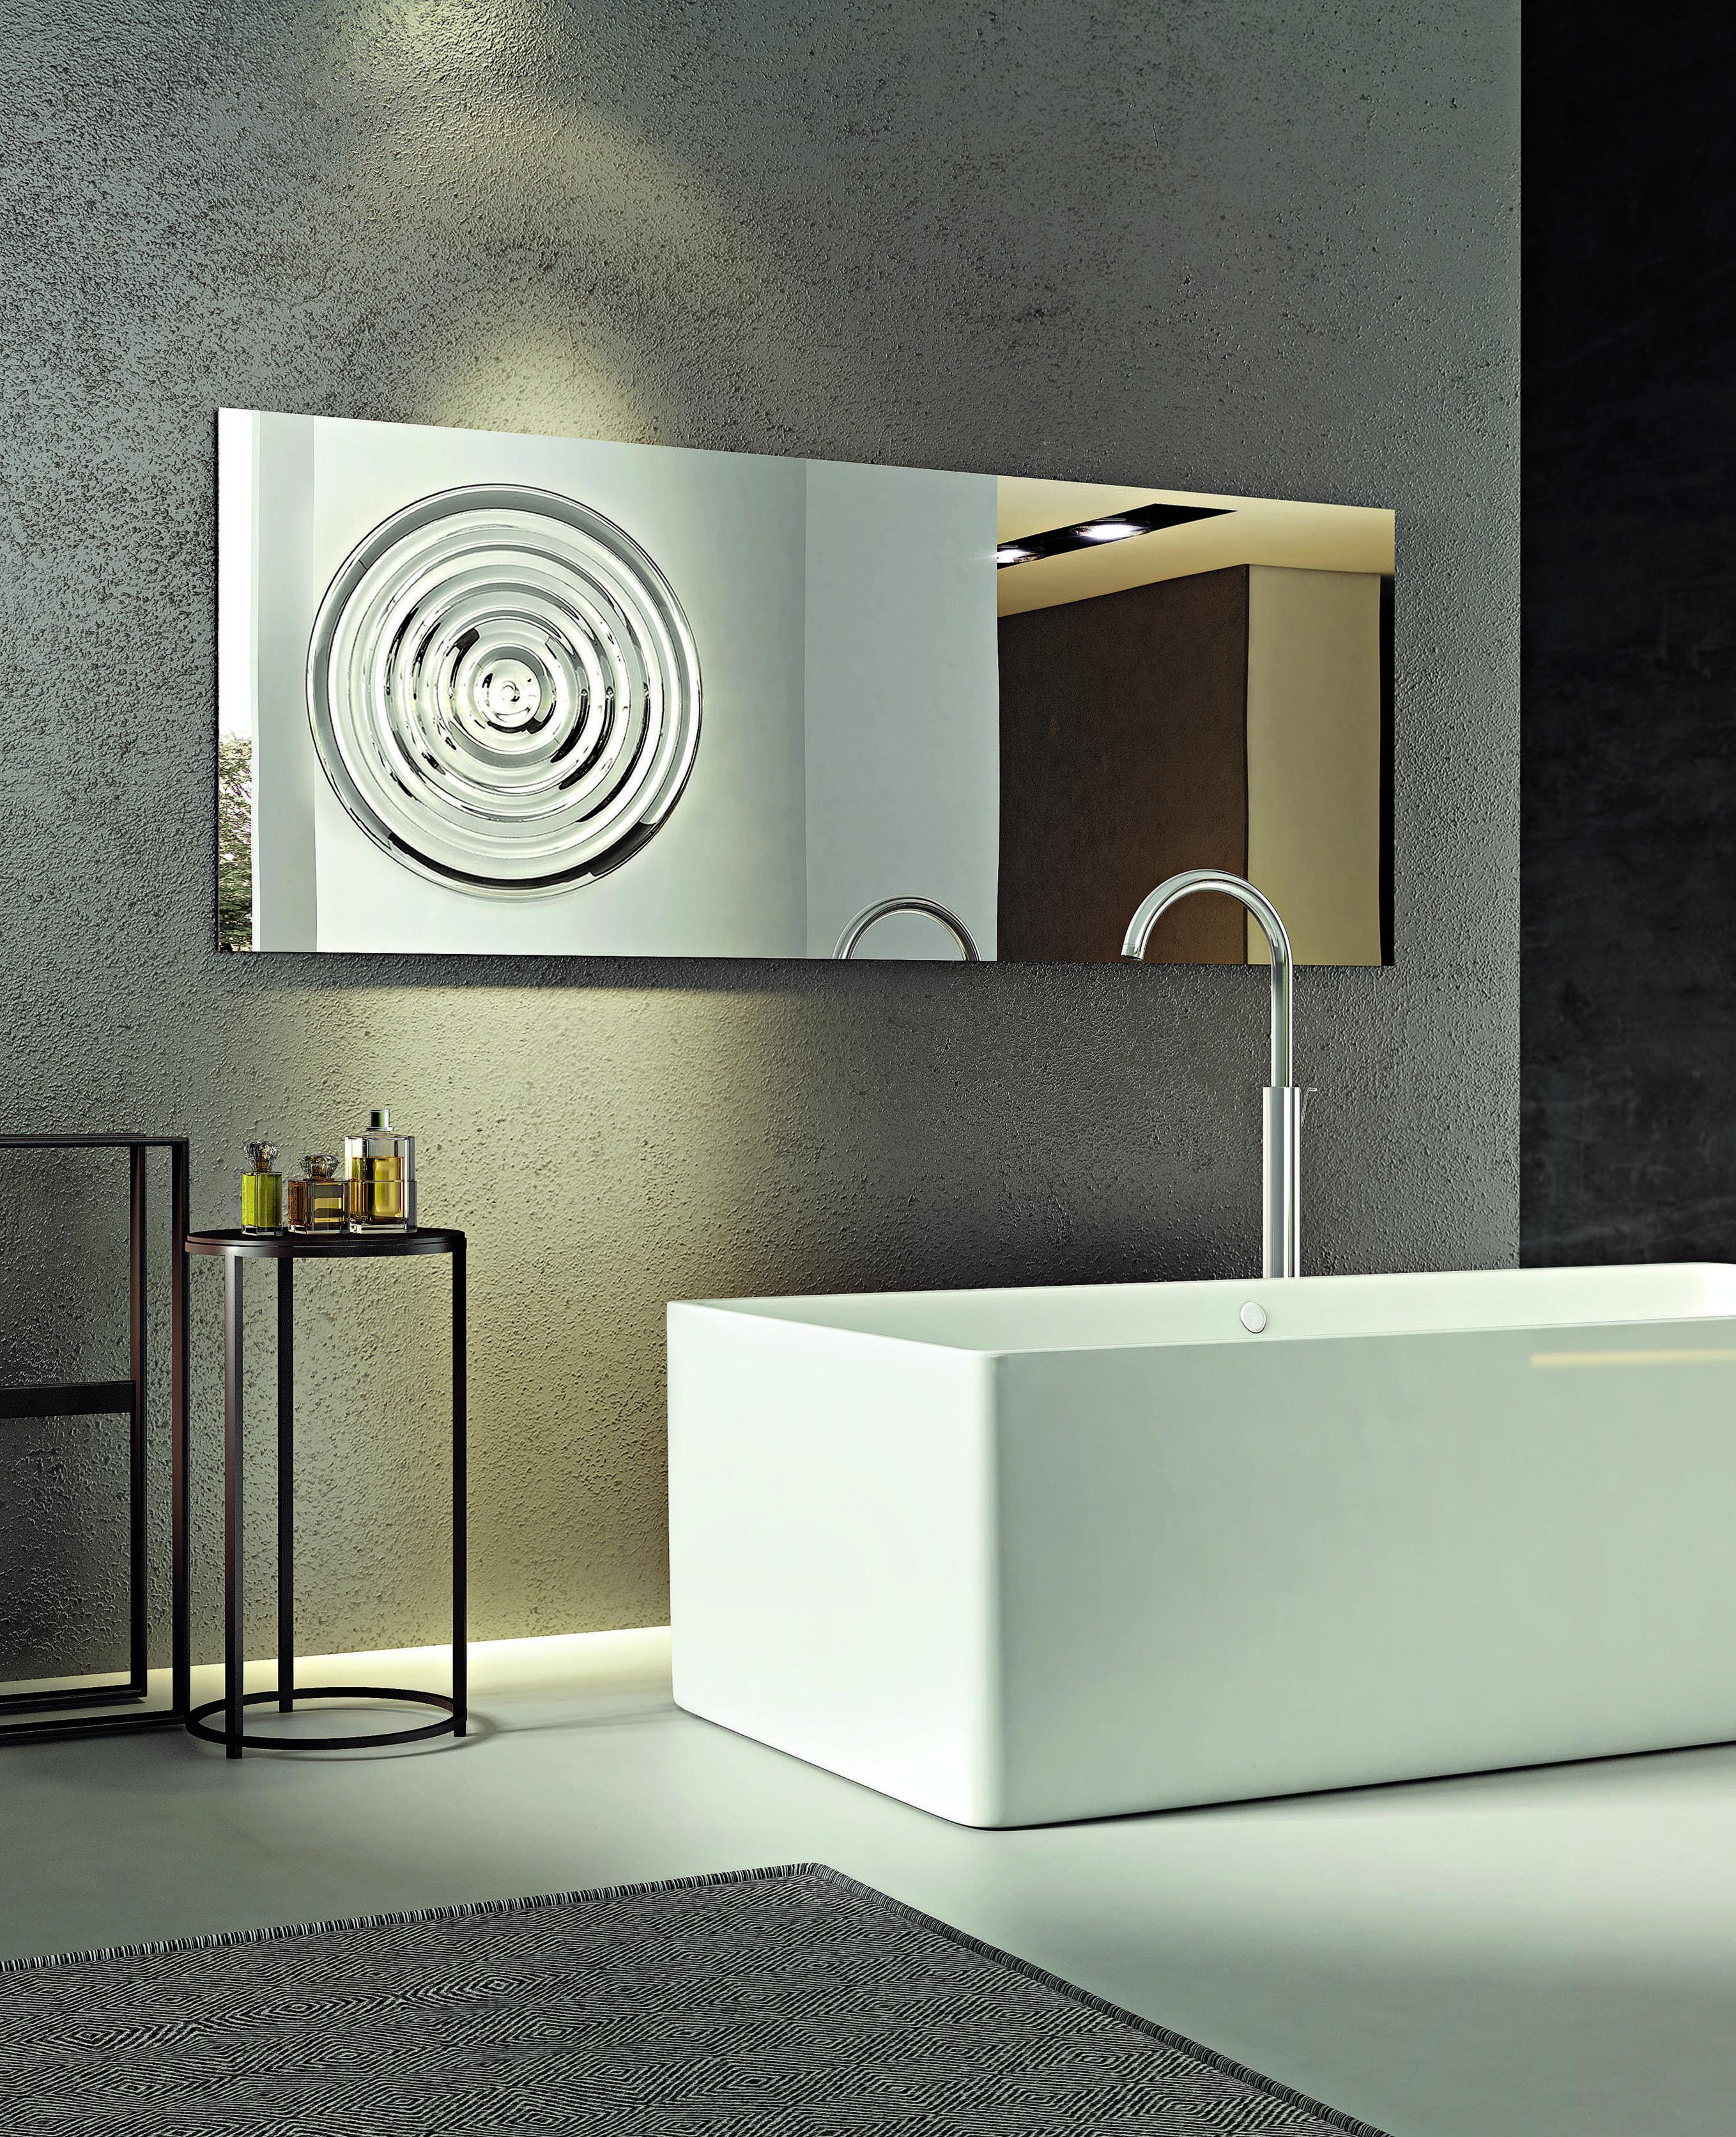 Specchi per camerette specchio in ciliegio a parete per - Specchi per camerette ...